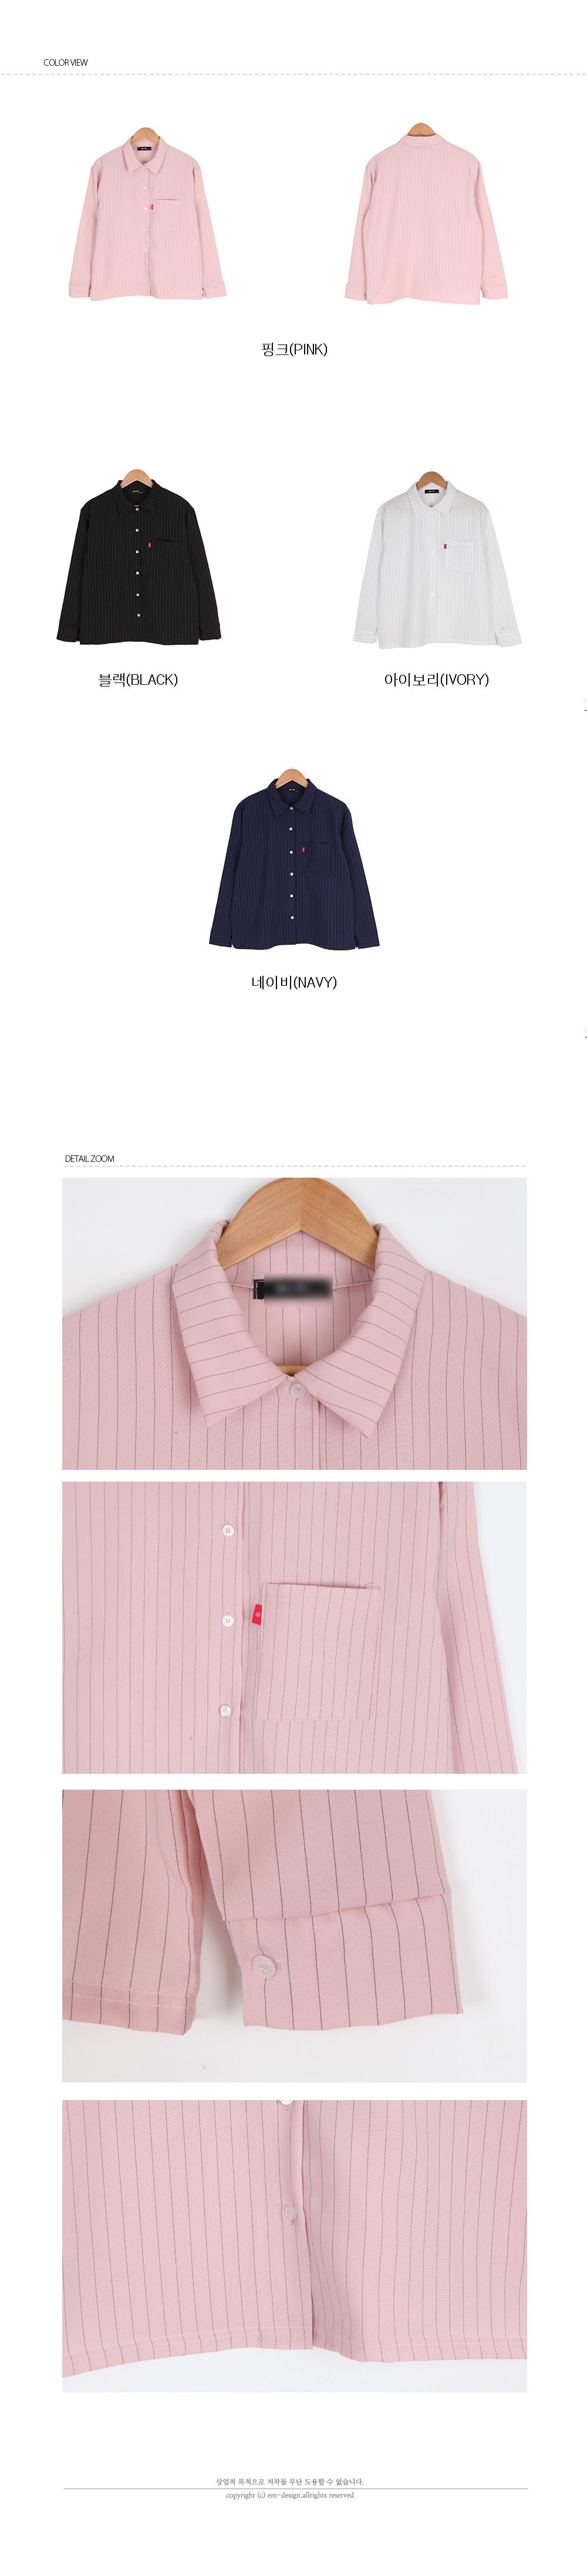 Dell List Pocket Shirt